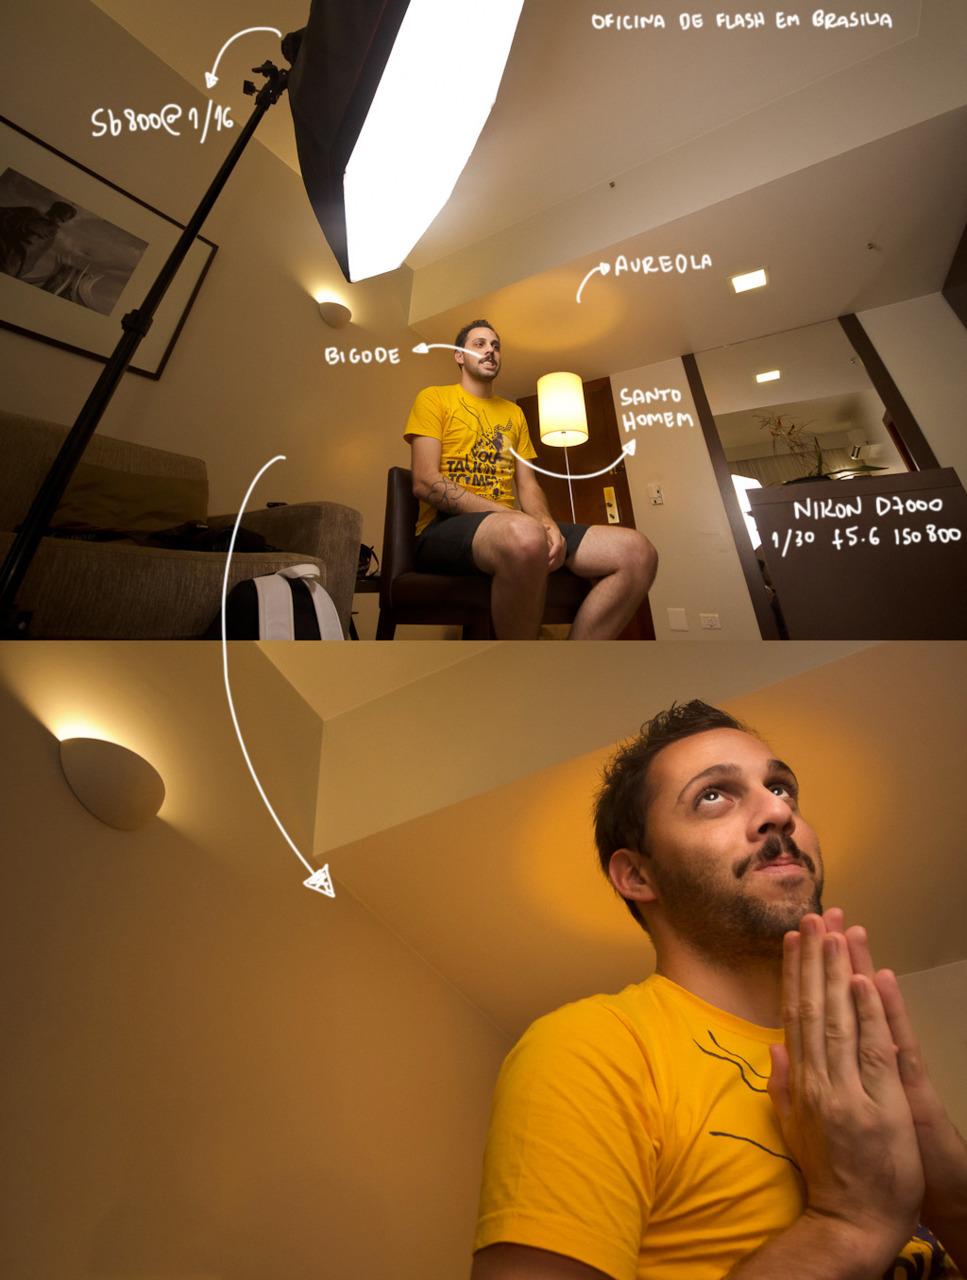 A gente tem sempre que direcionar o centro da luz pro assunto da foto? Não necessariamente. Perceba